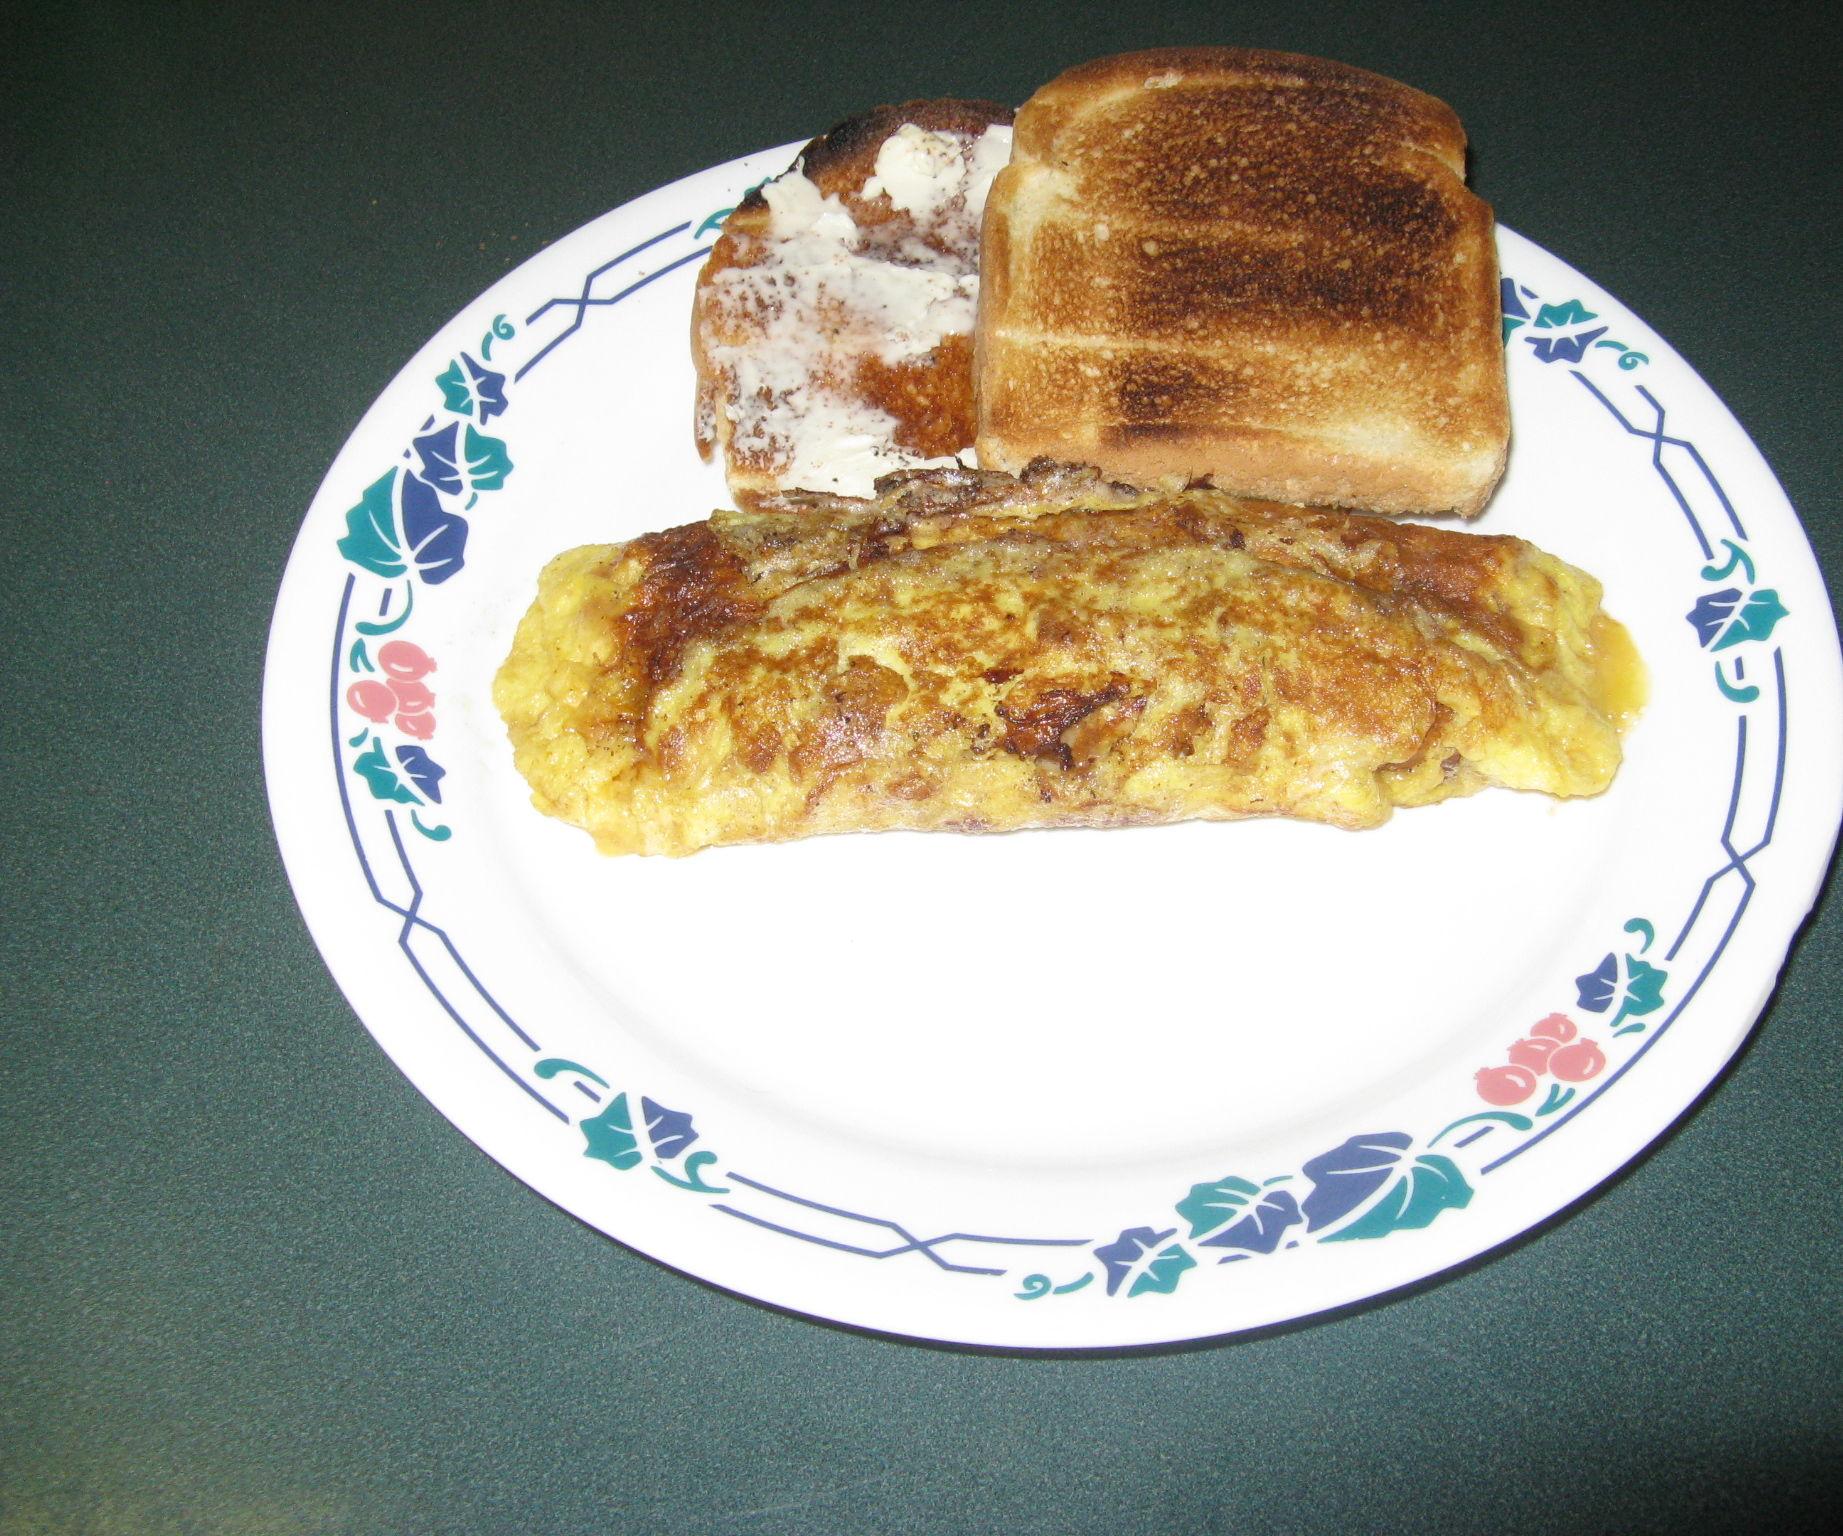 The Best Wild Mushroom Omelet